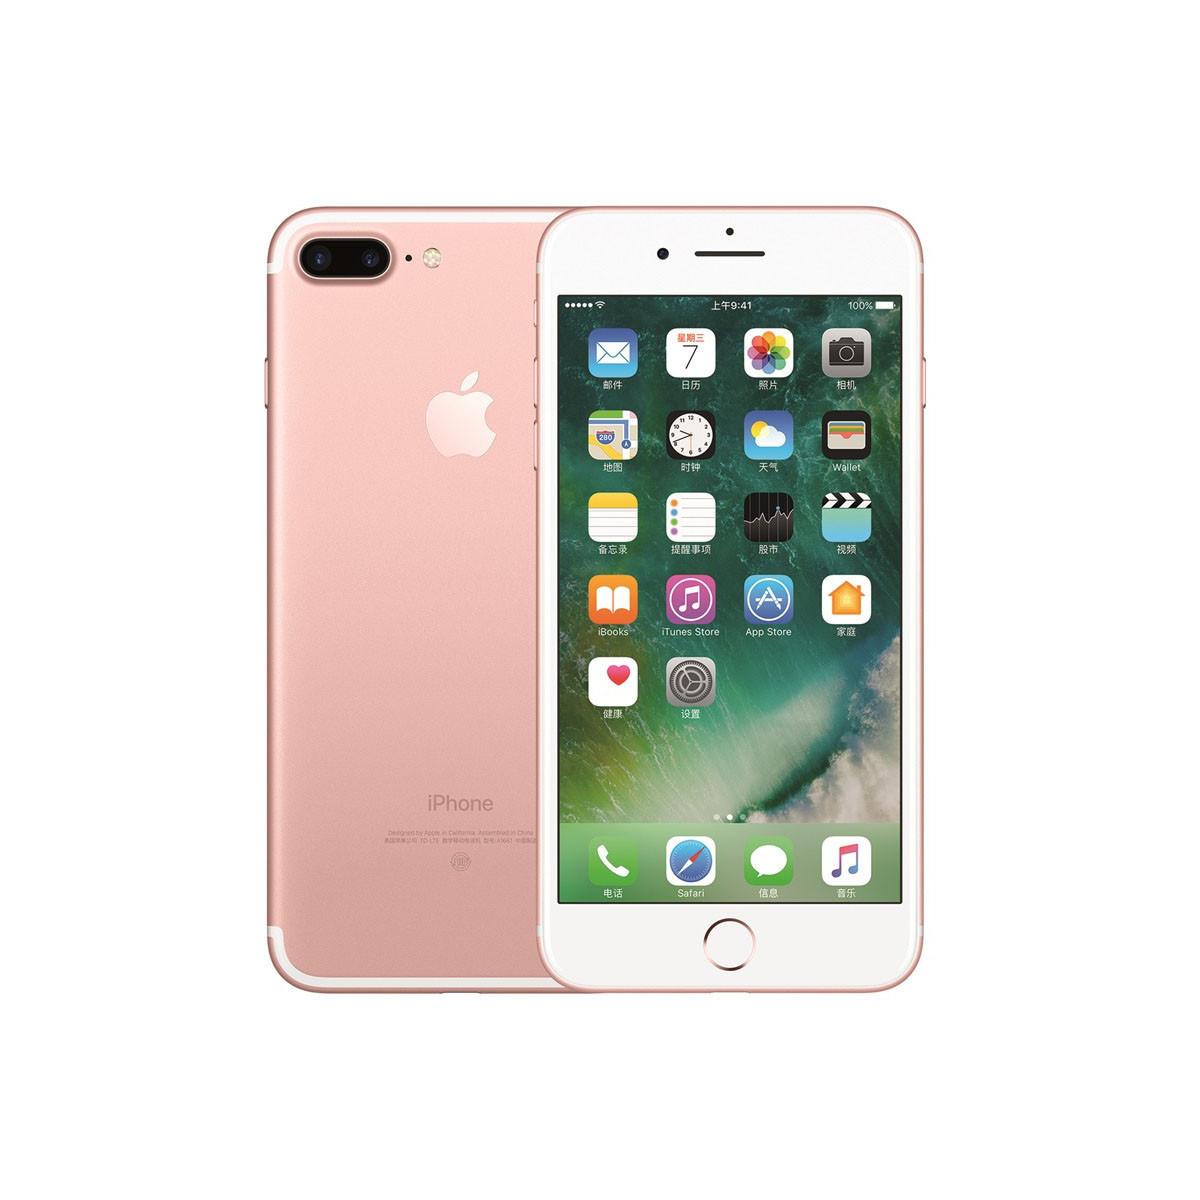 苹果iPhone 7 plus 128GB【壳膜+懒人支架套餐】全网通 4G手机DFXYD-iPhone7Plus-128G粉